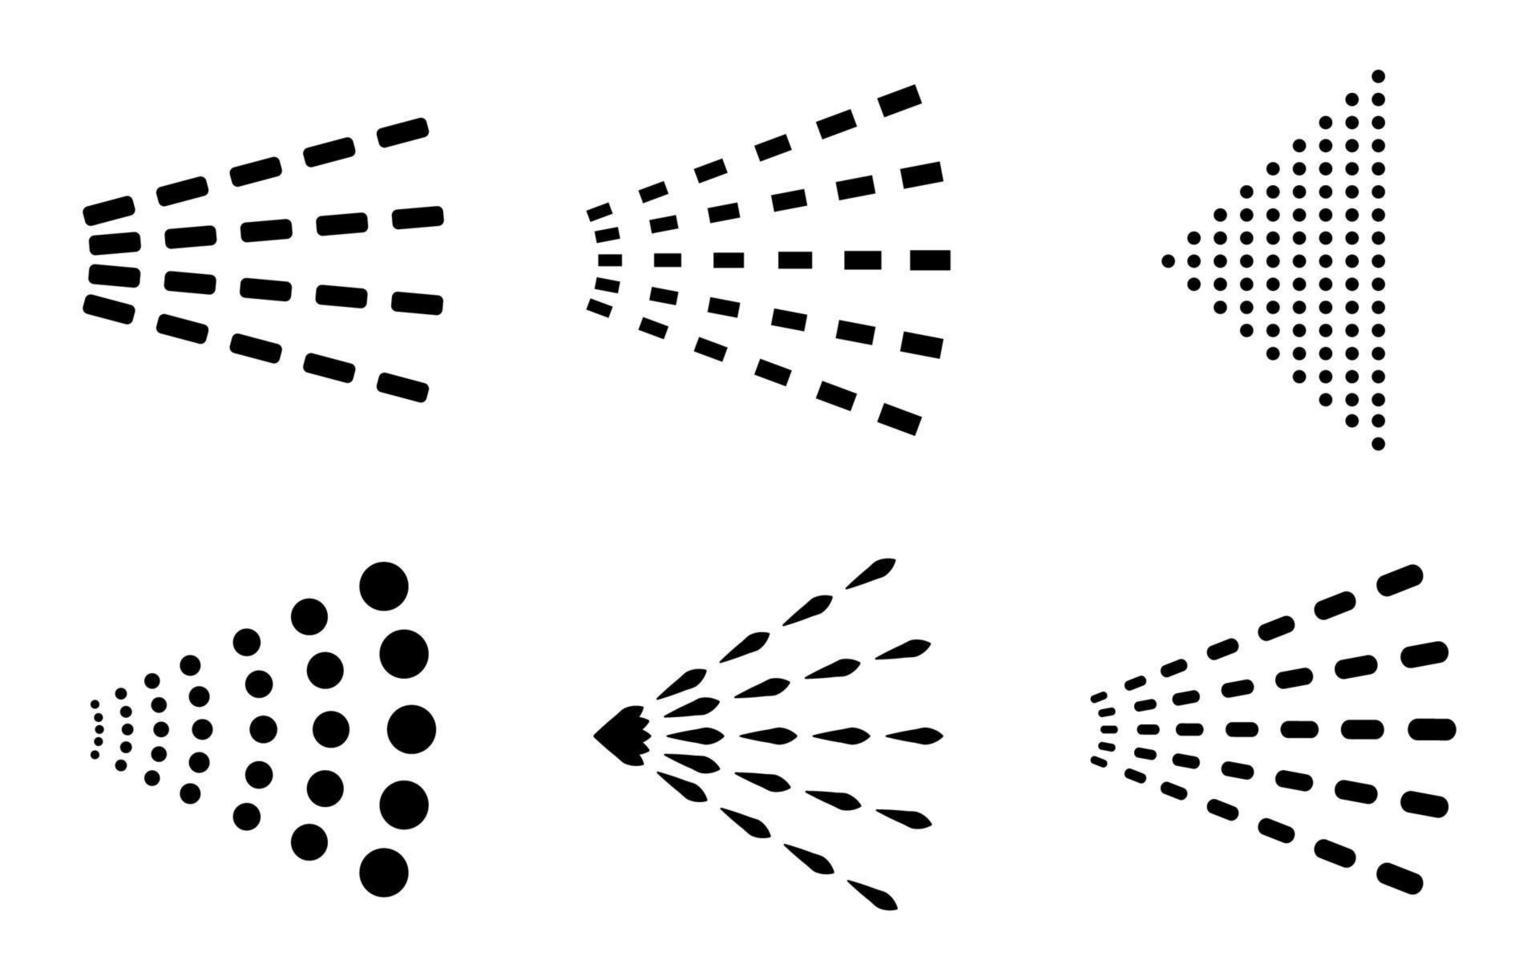 spray icon set - ilustração vetorial. vetor